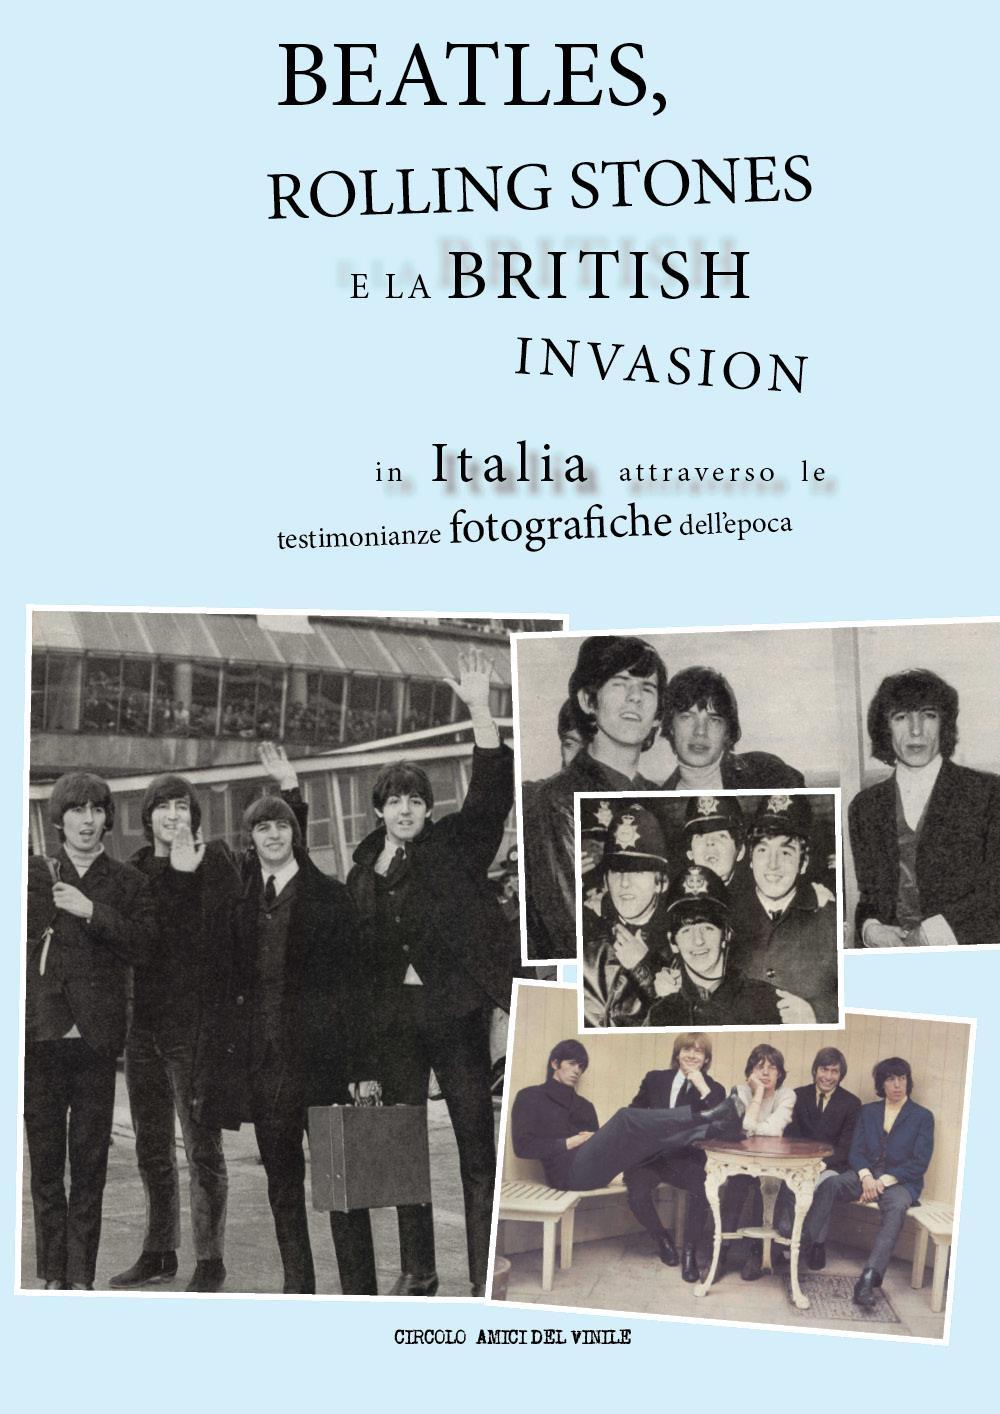 Beatles, Rolling Stones e la british invasion in Italia attraverso le testimonianze fotografiche dell'epoca